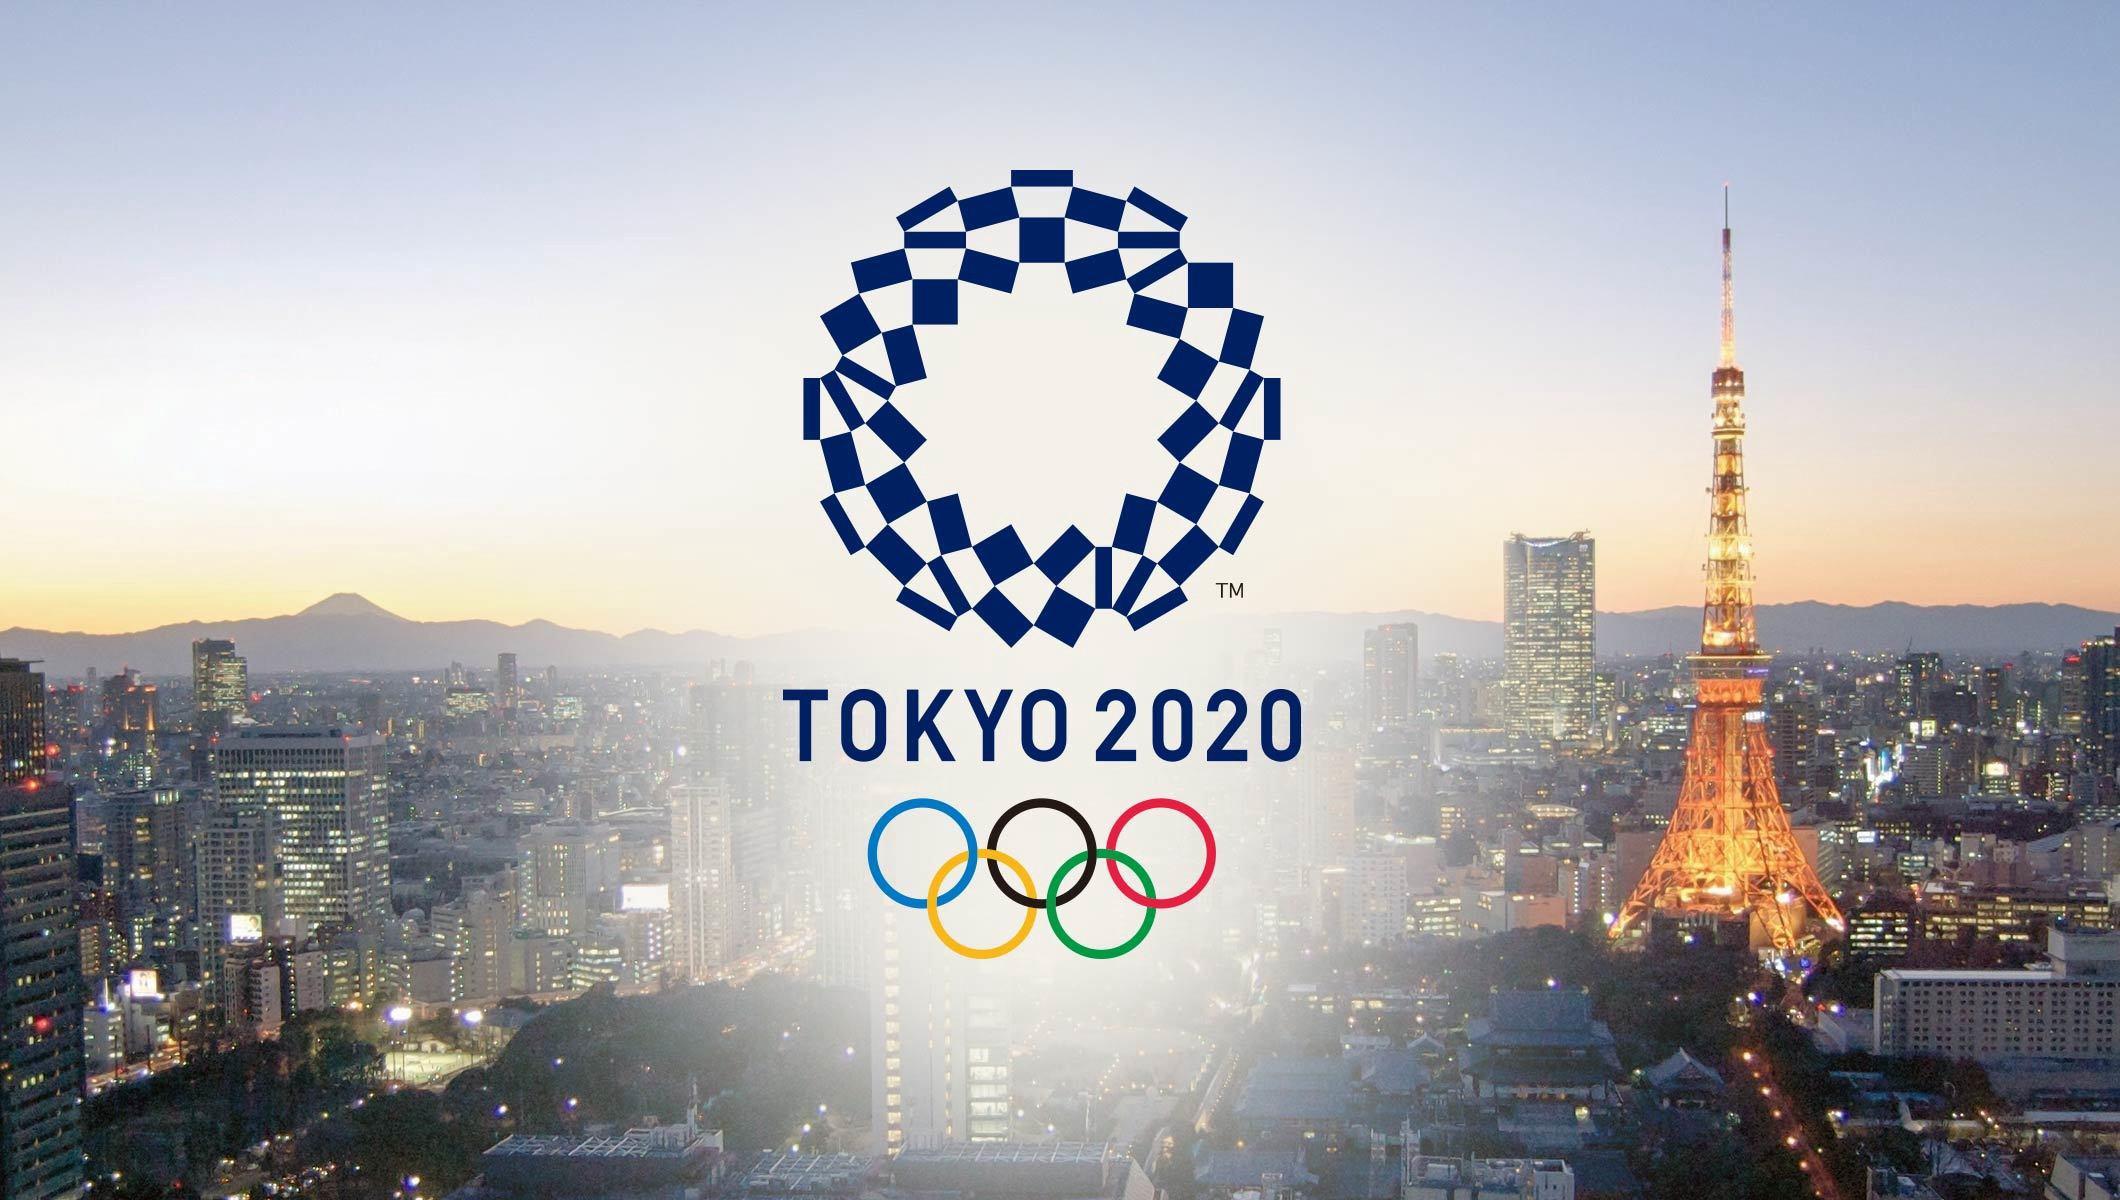 陶氏化学为2020年东京奥运会新场馆提供创新材料解决方案